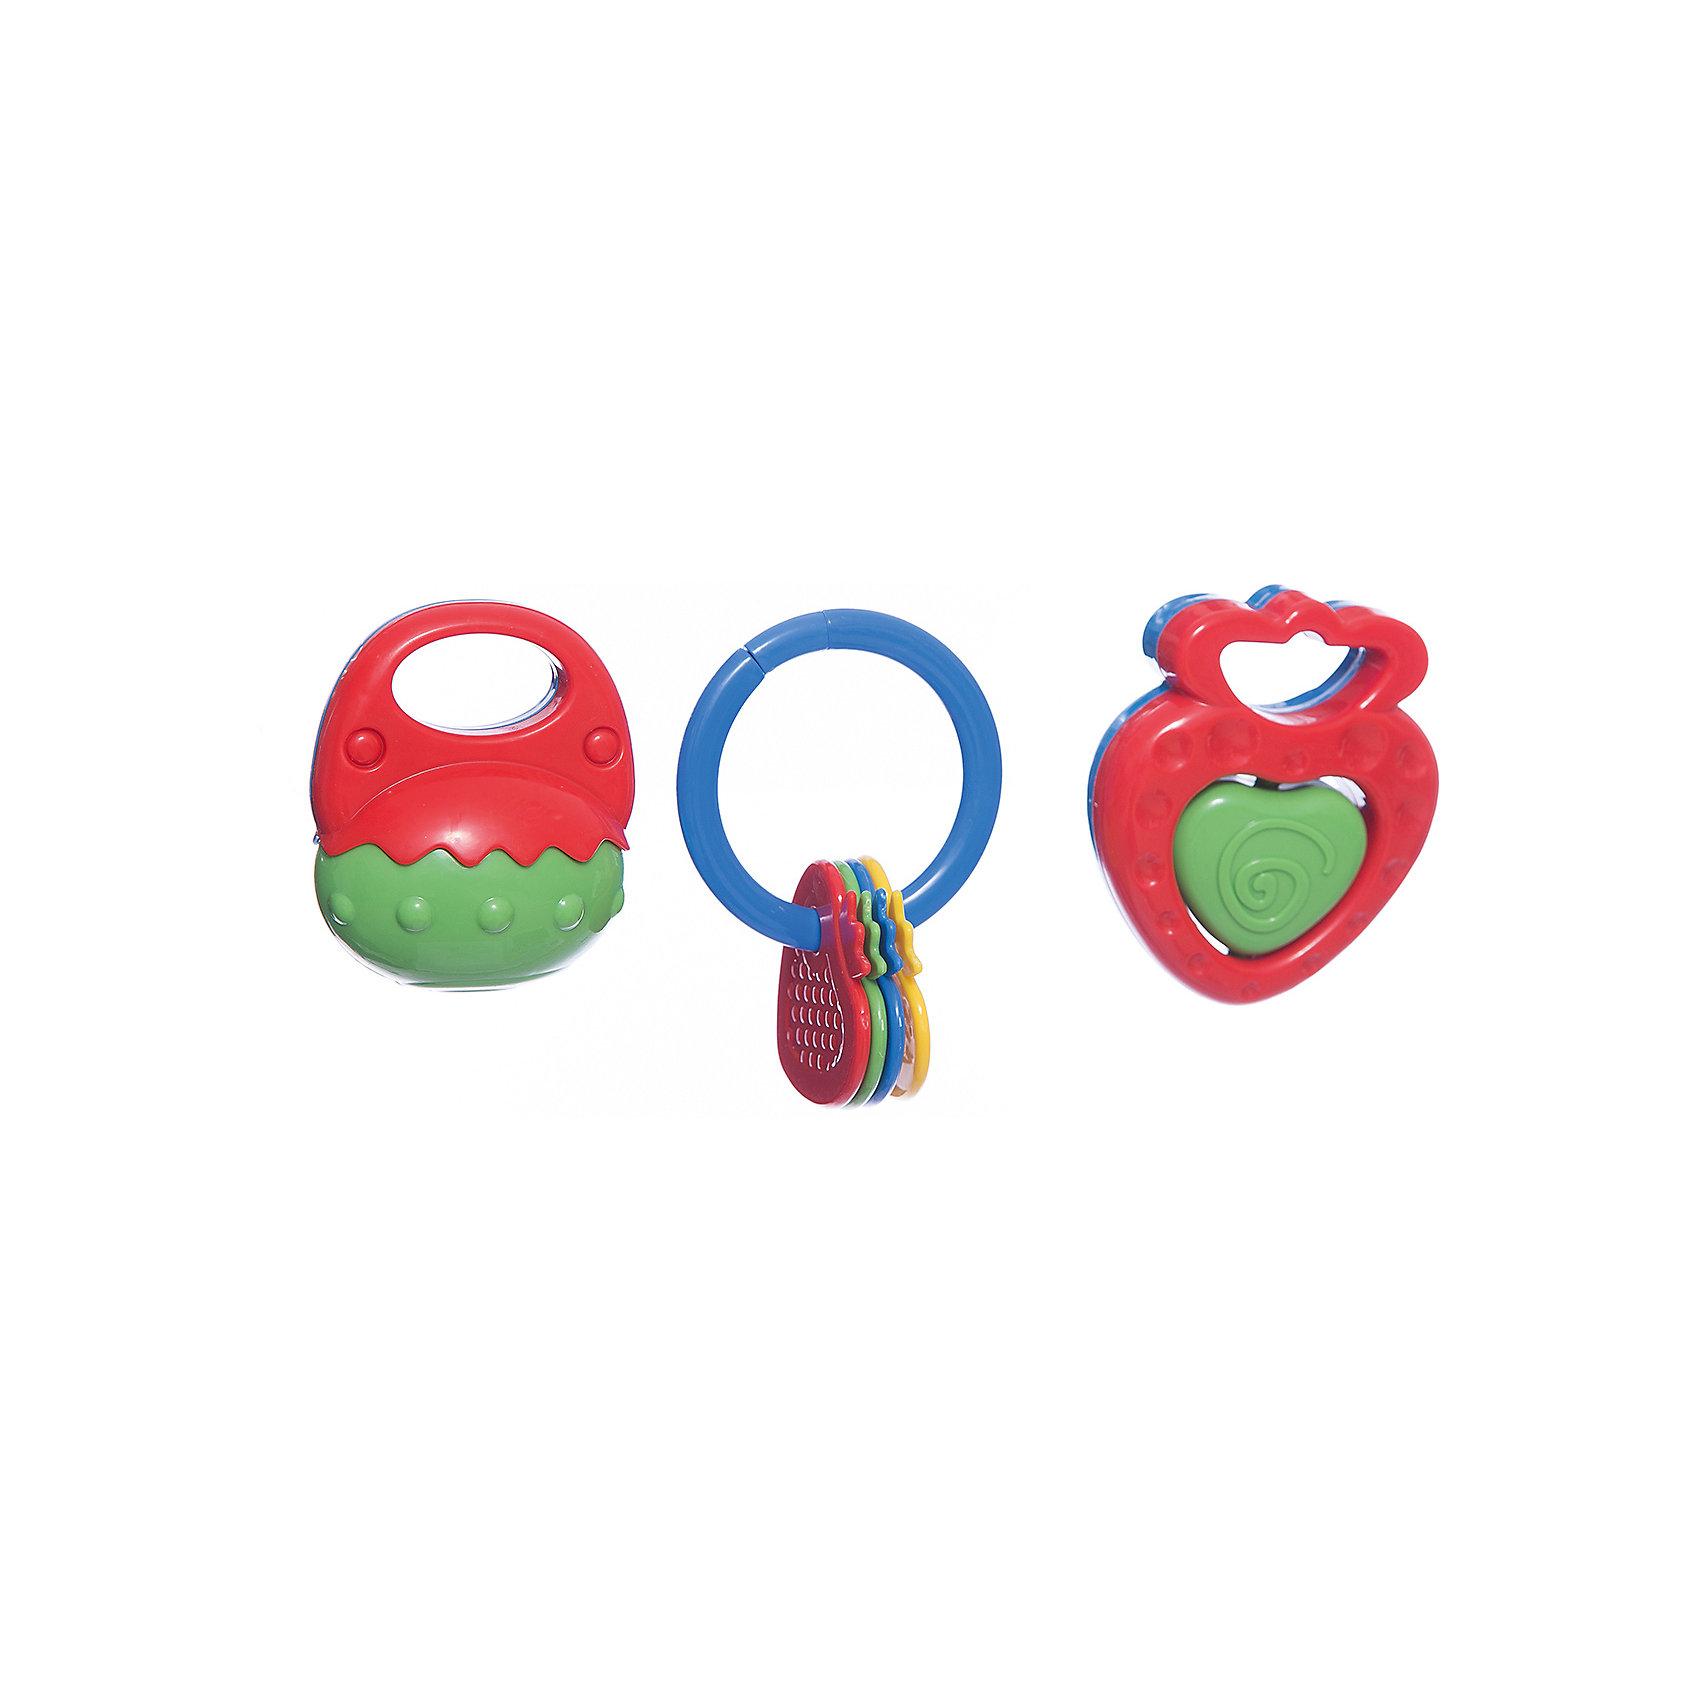 Набор погремушек, 3 шт, 8-10 см, SimbaПогремушки<br>Характеристики:<br><br>• особенность погремушек: с прорезывателем;<br>• материал: пластик;<br>• размер: 8-10 см;<br>• количество в наборе: 3 шт.;<br>• размер упаковки: 20,5х20,5х5,5 см.<br><br>Набор погремушек развивает слуховое восприятие малыша. При встряхивании погремушки цветные шарики в прозрачном контейнере перекатываются и создают мелодичный перезвон. Рельефные прорезыватели с массажным эффектом пригодятся на этапе прорезывания зубок у малыша. <br><br>Внимание! Данный артикул имеется в наличии в разных цветах и вариантах исполнения. Заранее выбрать определенный вариант нельзя. При заказе нескольких наборов возможно получение одинаковых.<br><br>Набор погремушек, 3 шт, 8-10 см, Simba можно купить в нашем магазине.<br><br>Ширина мм: 210<br>Глубина мм: 60<br>Высота мм: 210<br>Вес г: 300<br>Возраст от месяцев: 36<br>Возраст до месяцев: 24<br>Пол: Унисекс<br>Возраст: Детский<br>SKU: 5295526